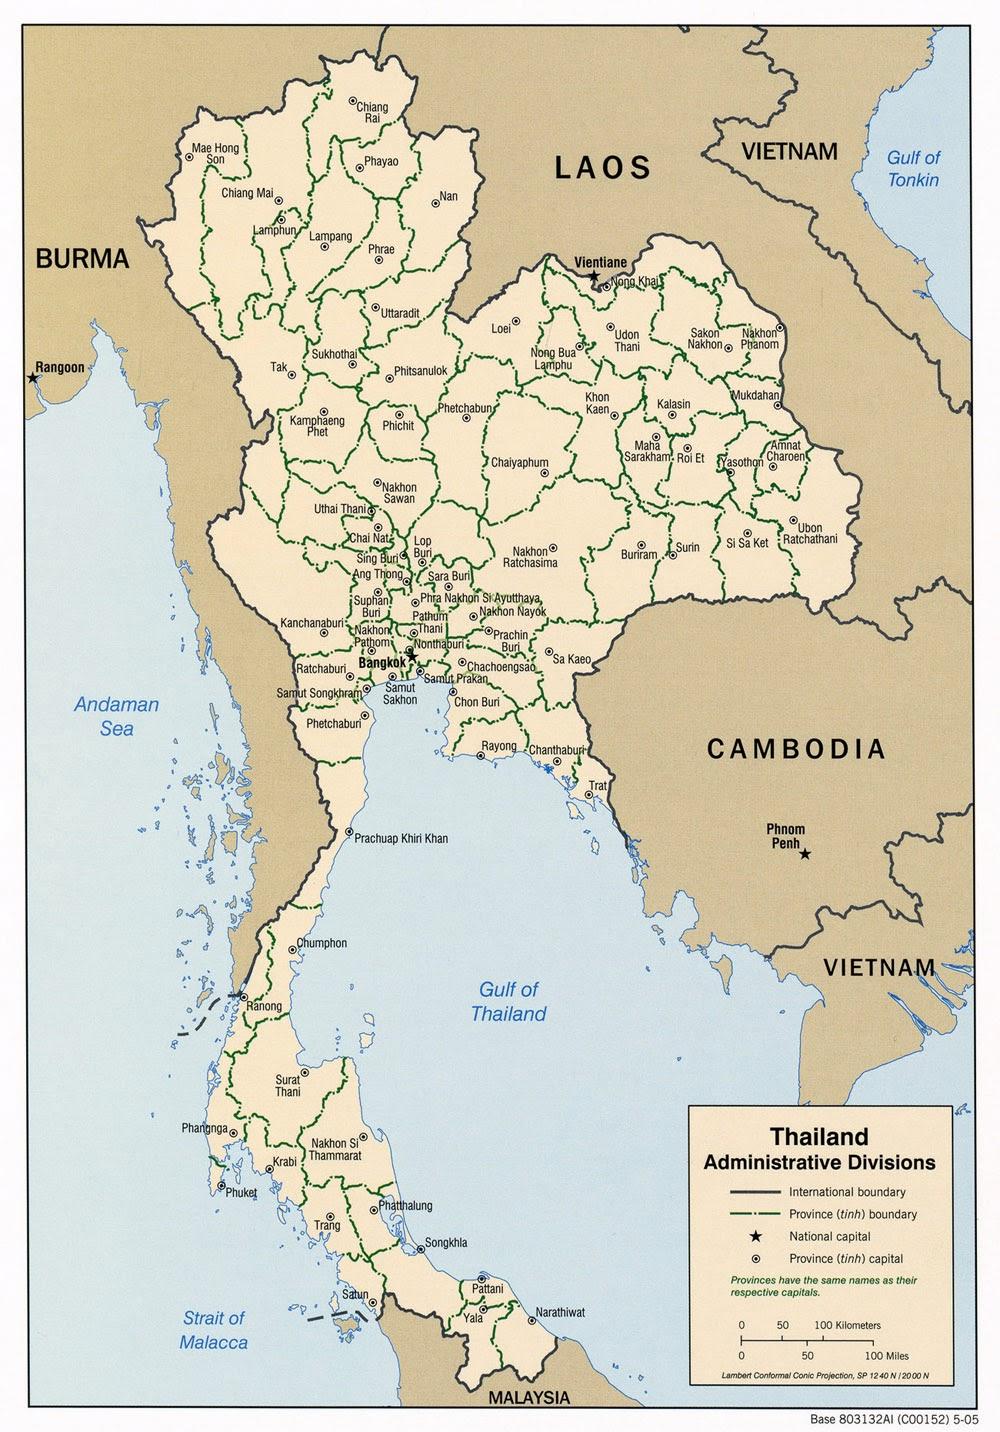 Tanah Genting Kra Terletak Di Negara : tanah, genting, terletak, negara, BerhaDIAH:, NEGARA, THAILAND